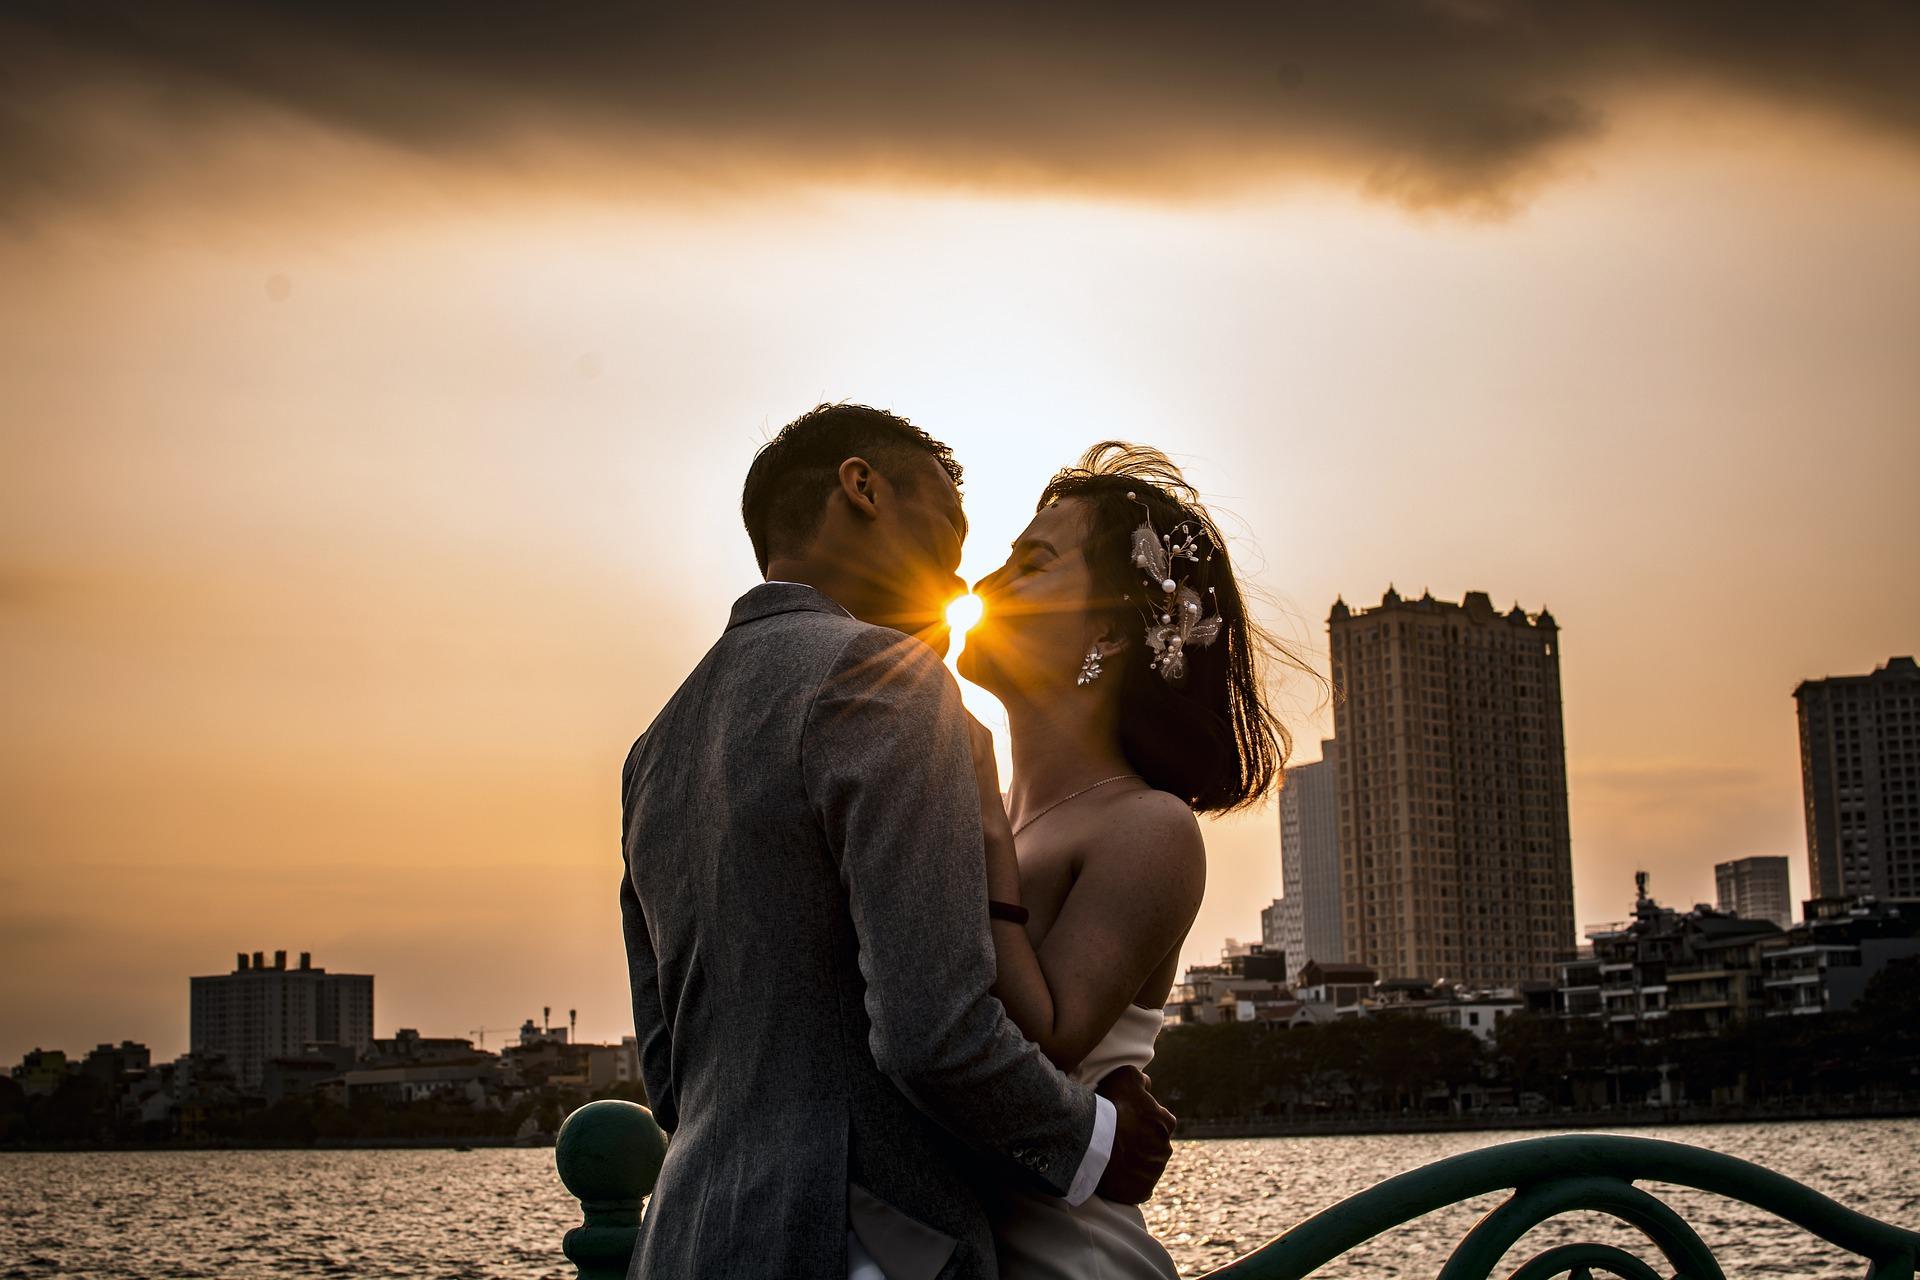 連絡を取り合わないカップルはお互いの信頼度が高い。大人カップルの恋愛に隠された長続きの秘訣